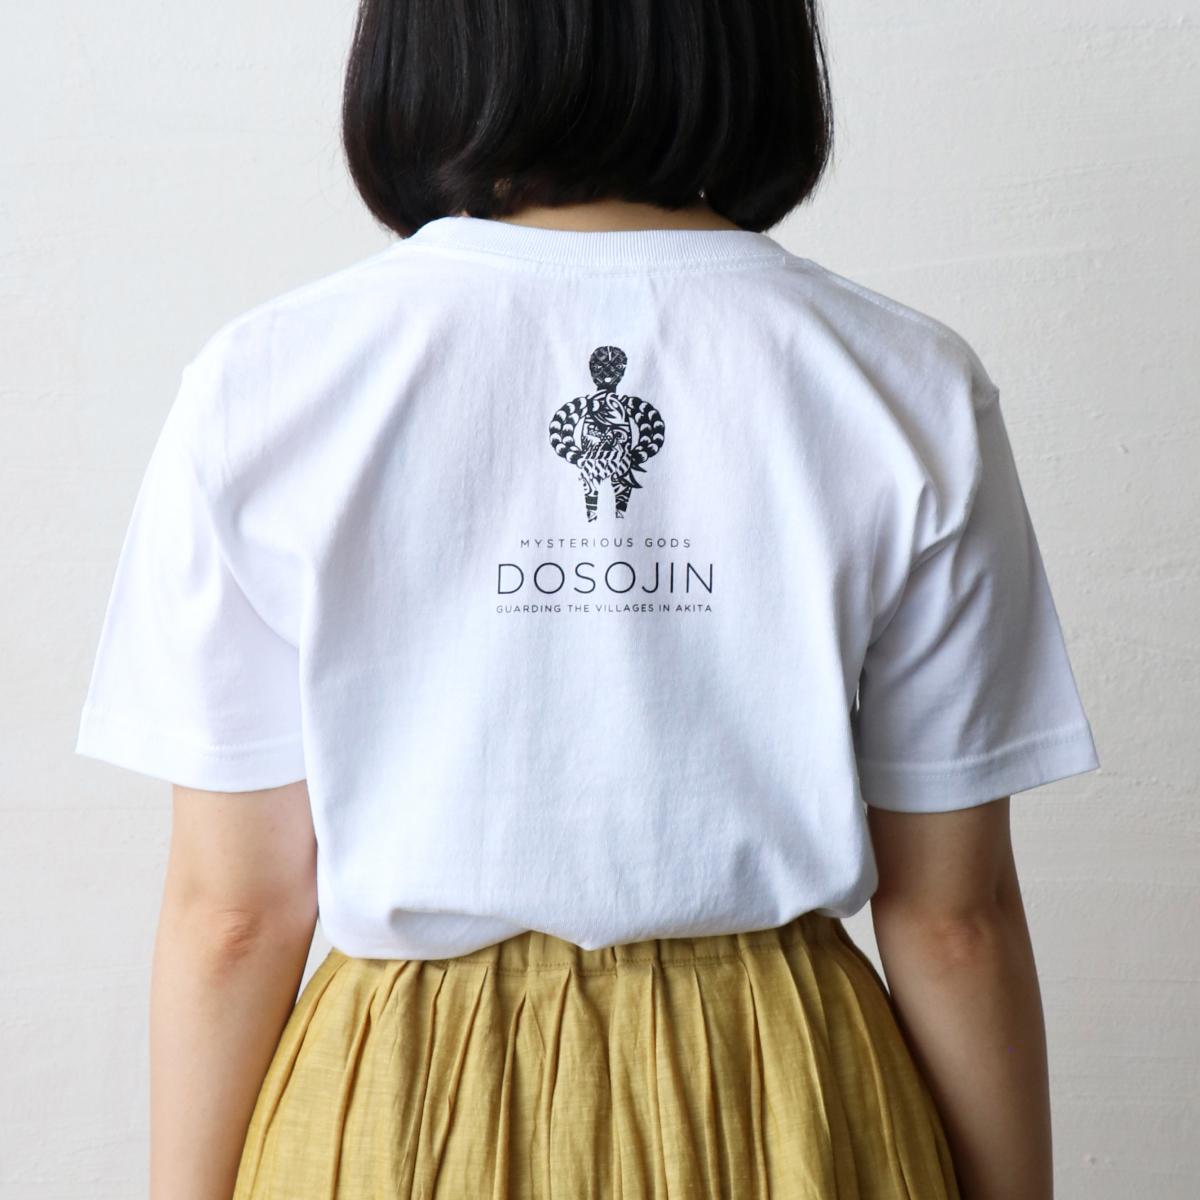 秋田人形道祖神 TシャツTYPE.C 背面